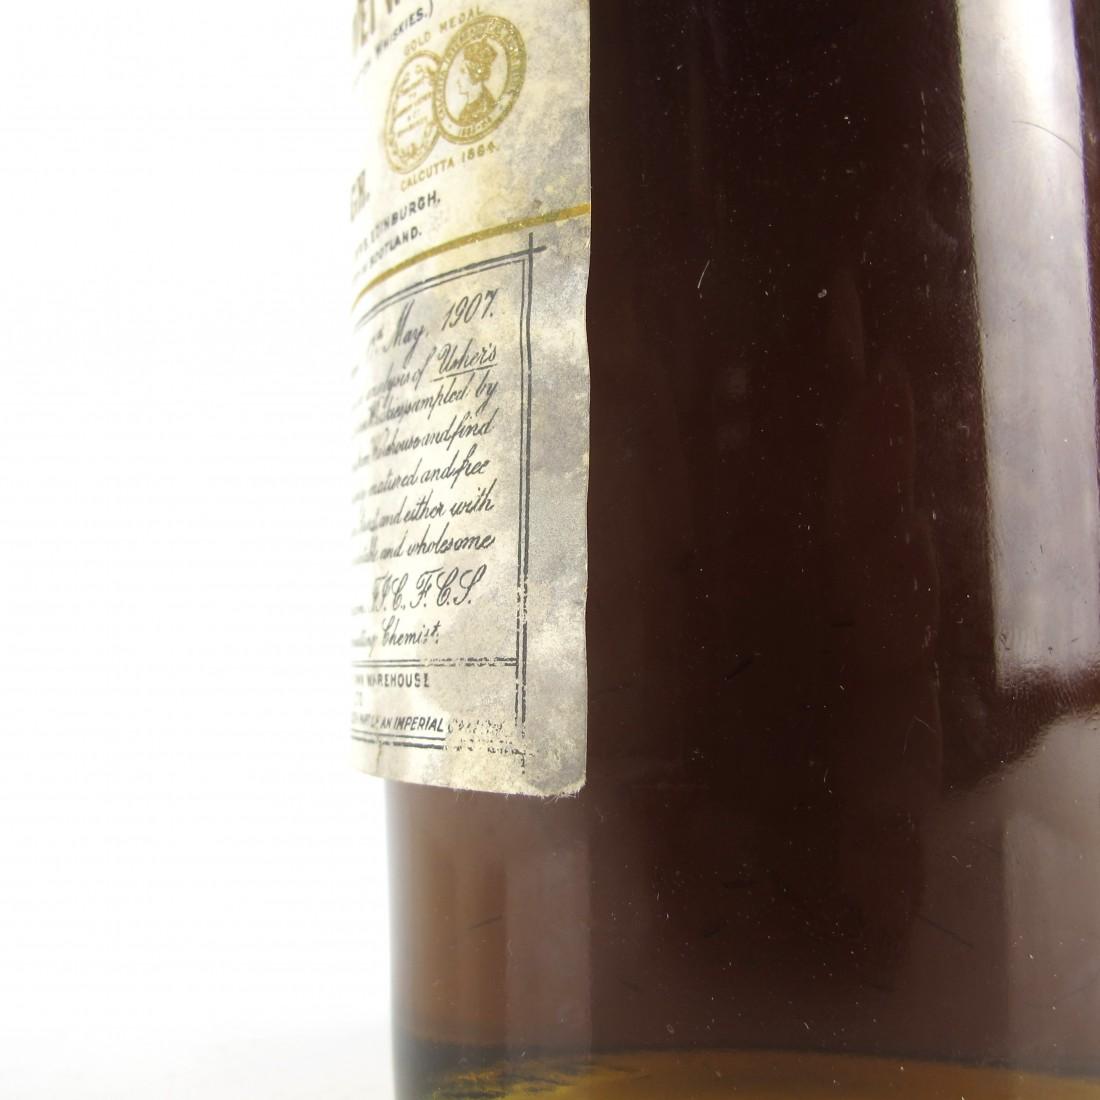 Usher's Special Reserve Old Vatted Glenlivet 1920/30s